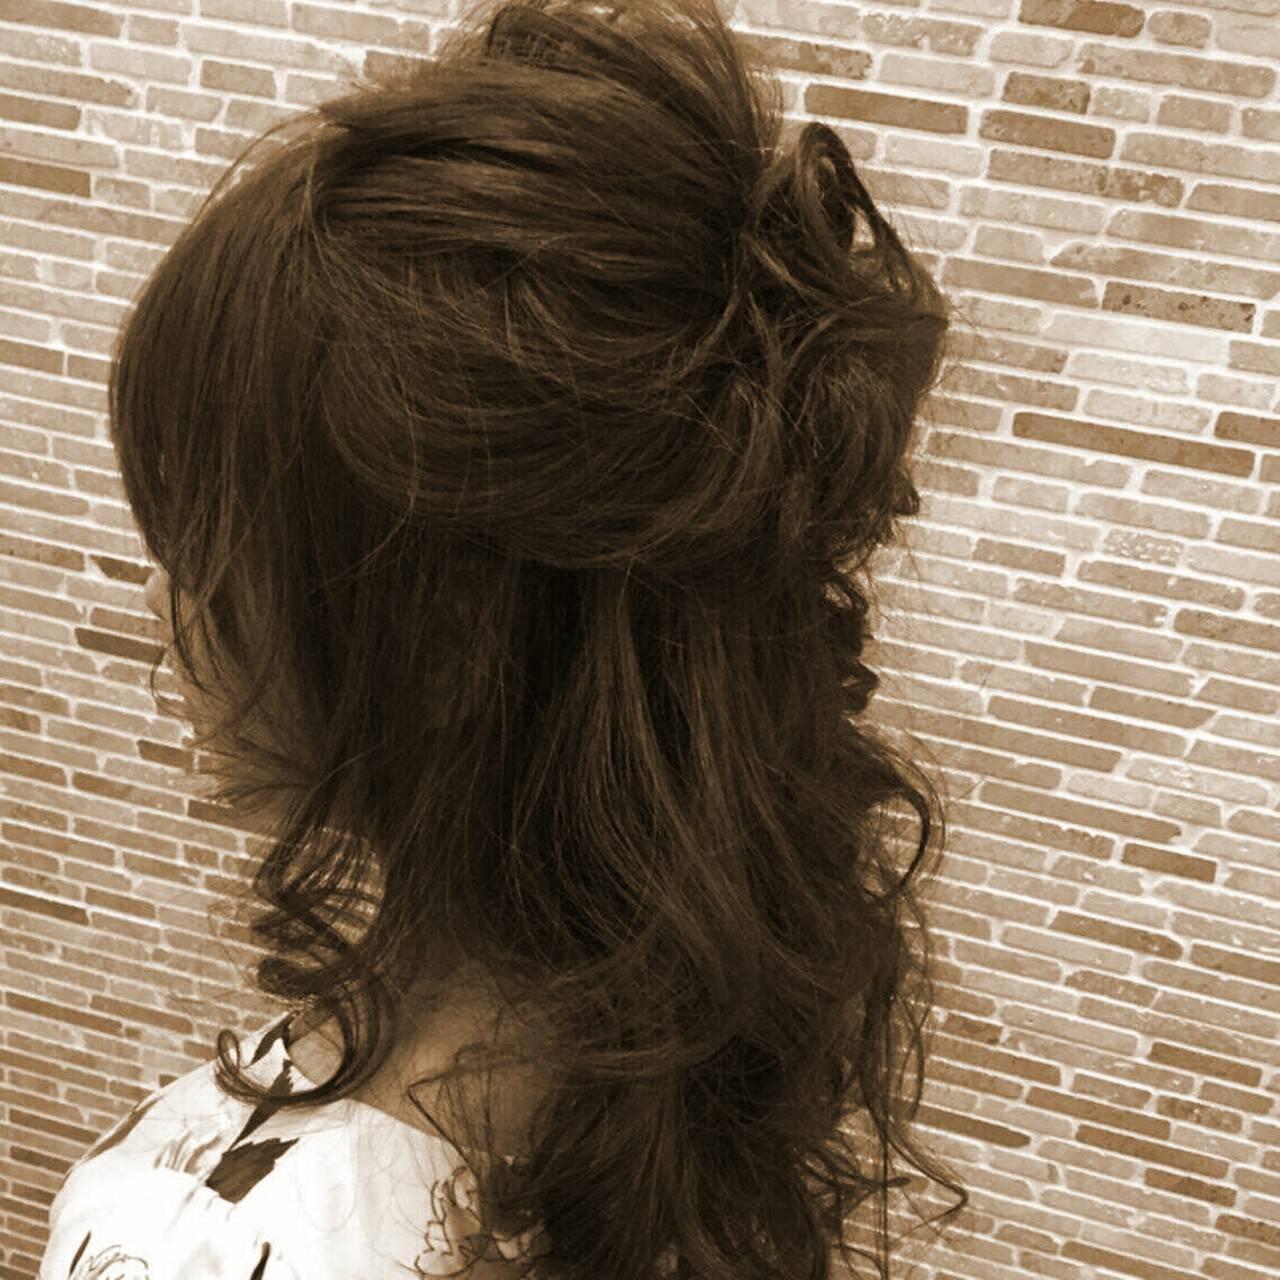 大人かわいい ハーフアップ セミロング フェミニンヘアスタイルや髪型の写真・画像